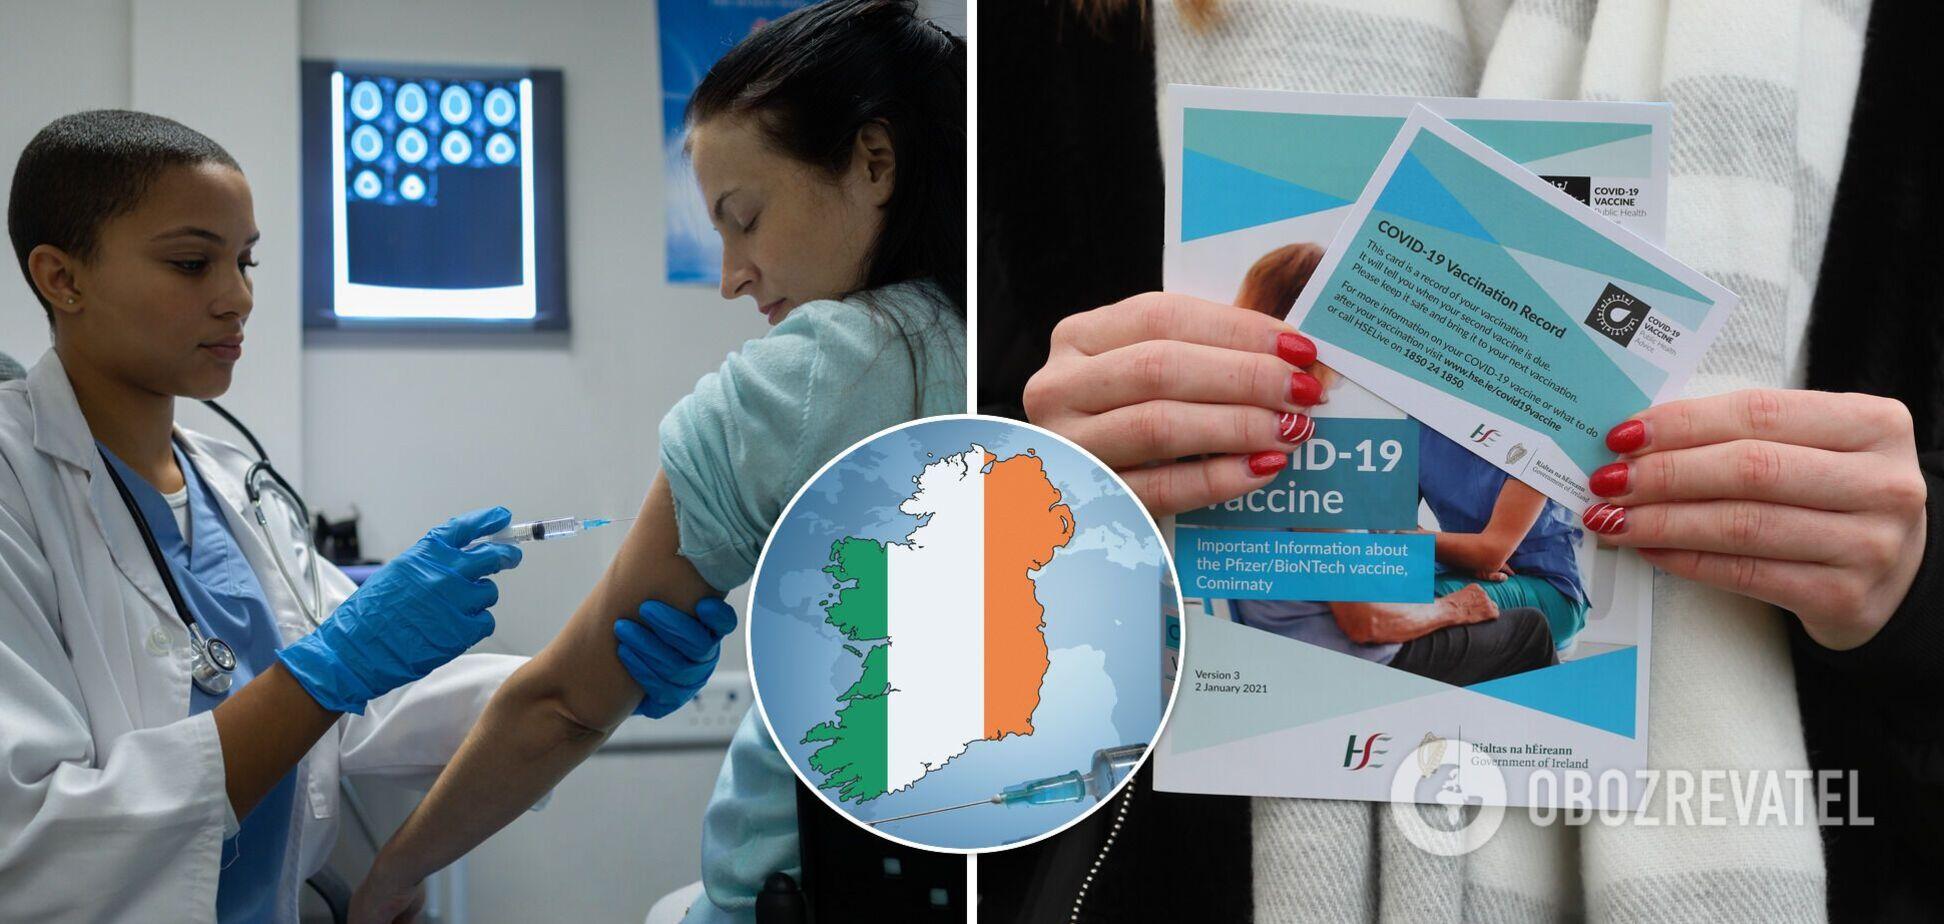 Вакцина бесплатная, прививки делают охотно: украинка рассказала, как в Ирландии спасаются от COVID-19